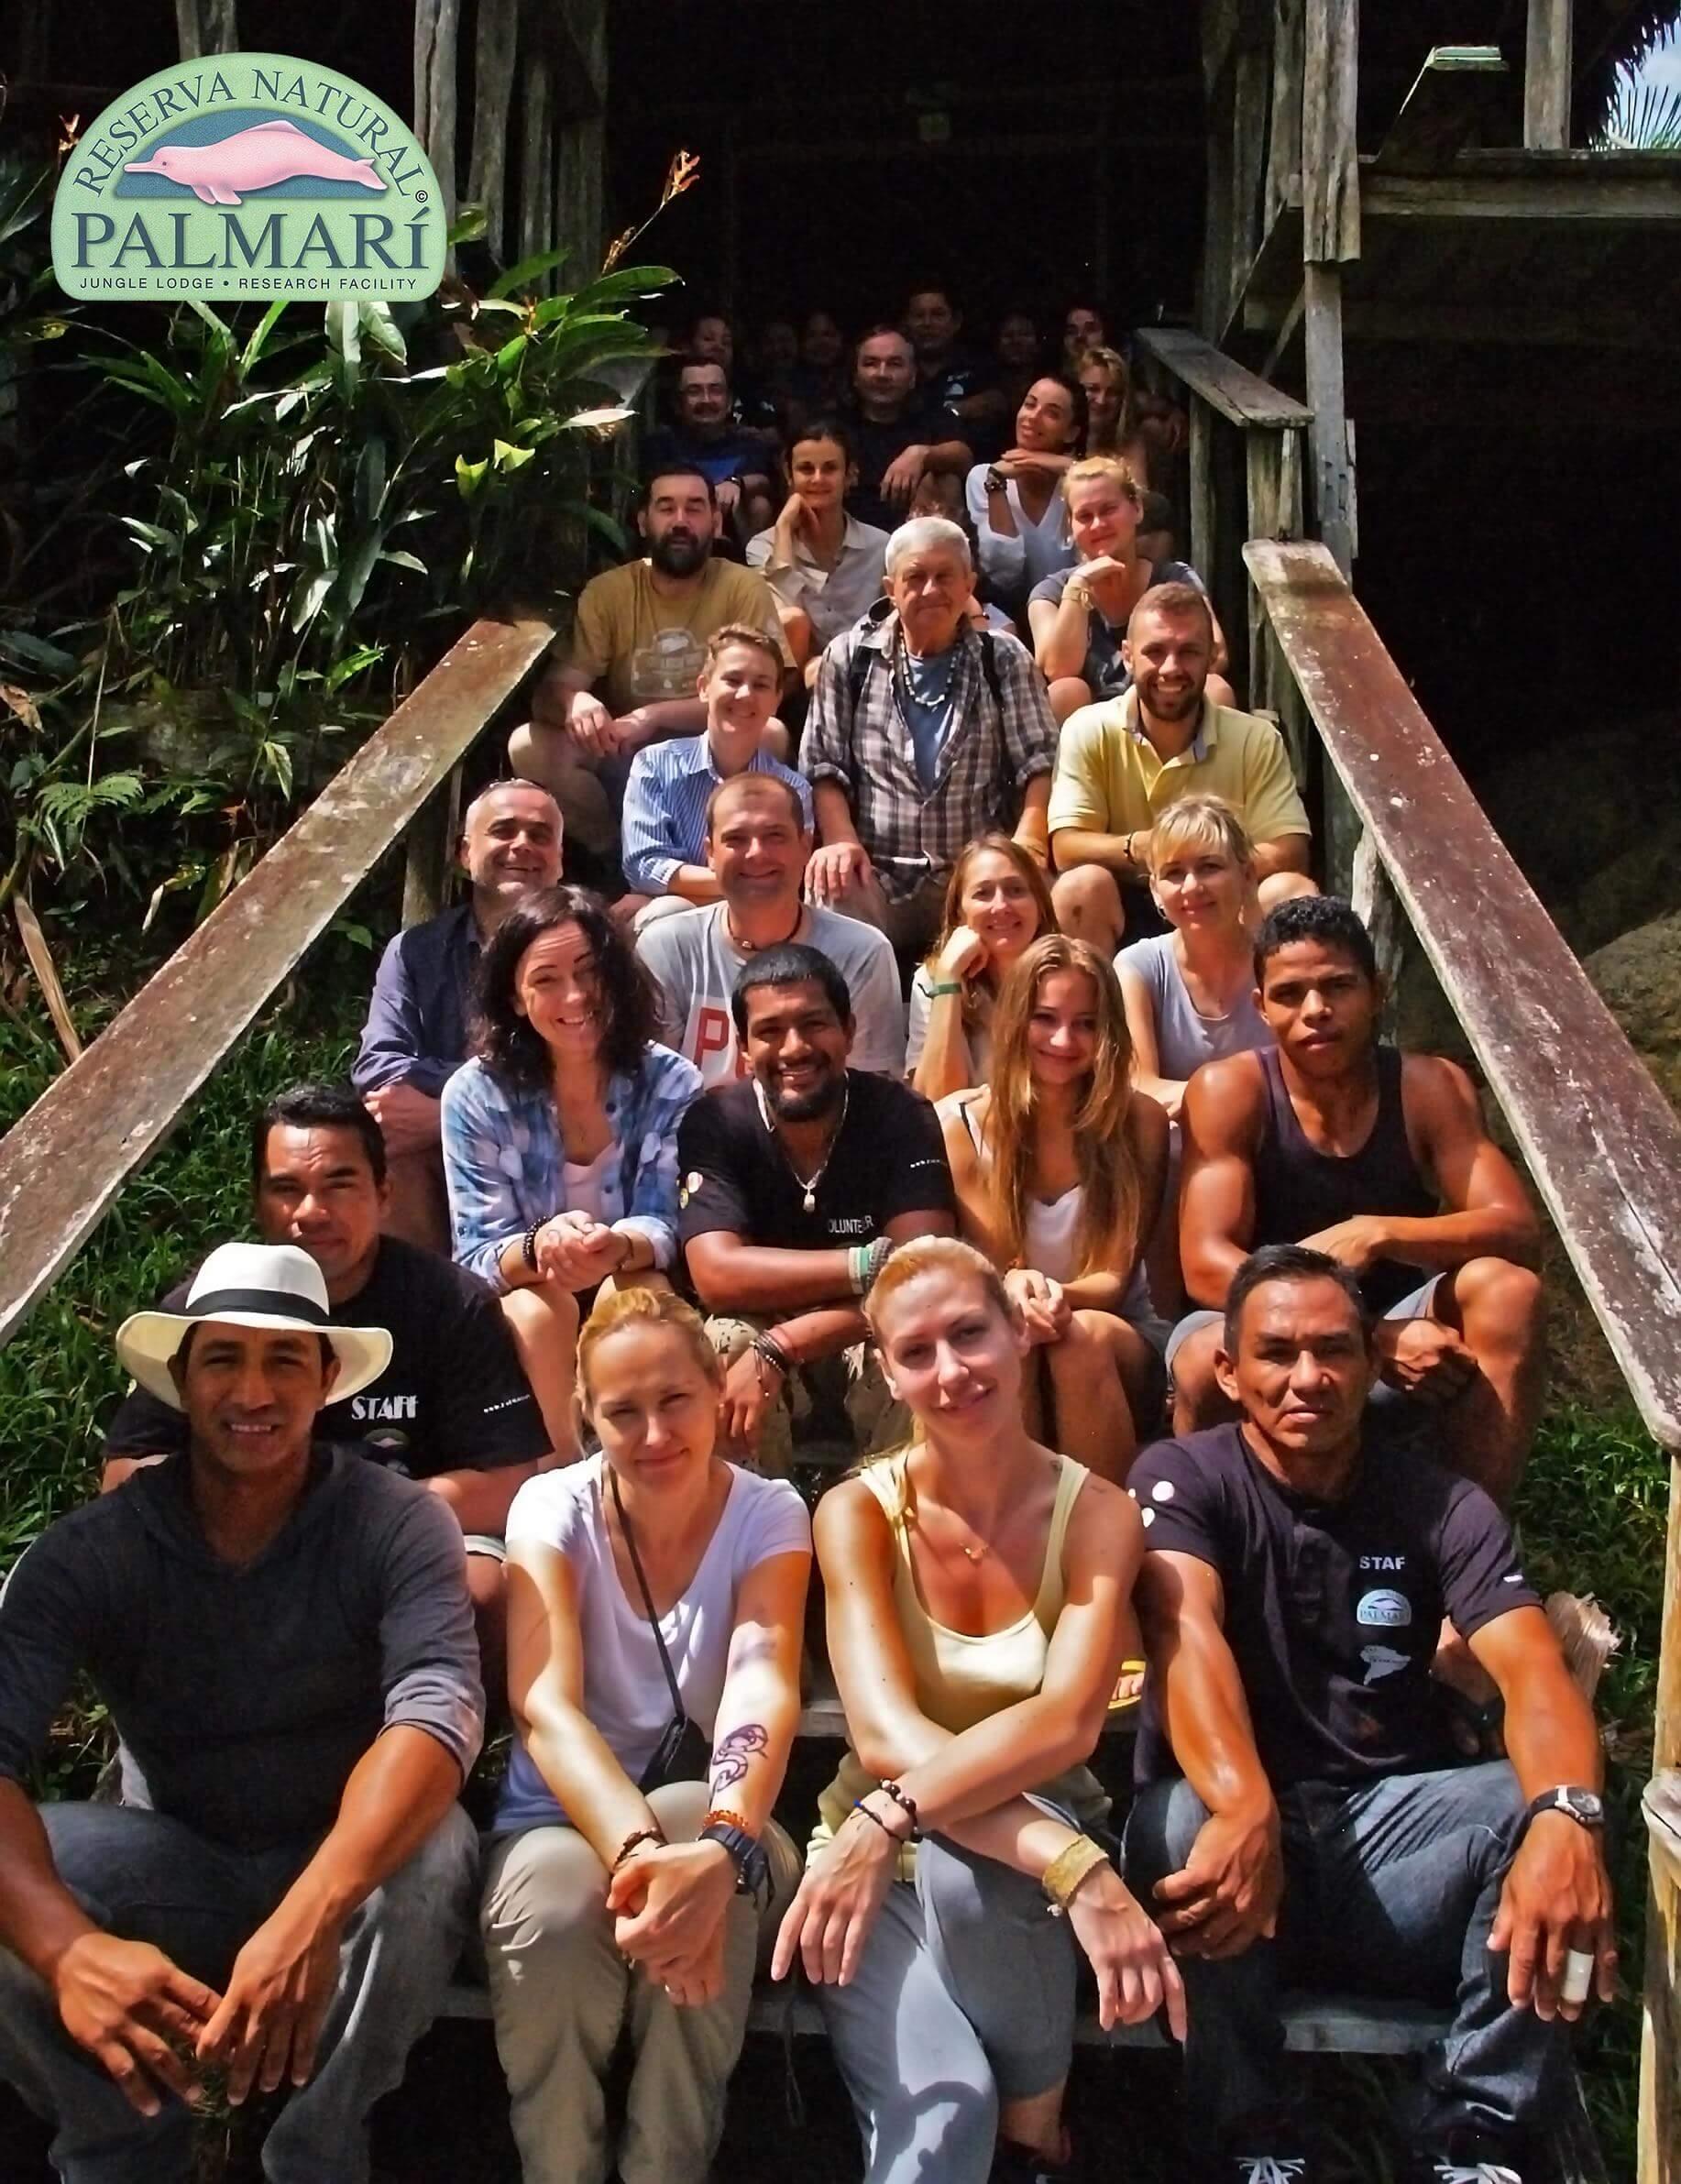 Reserva-Natural-Palmari-Visitors-73